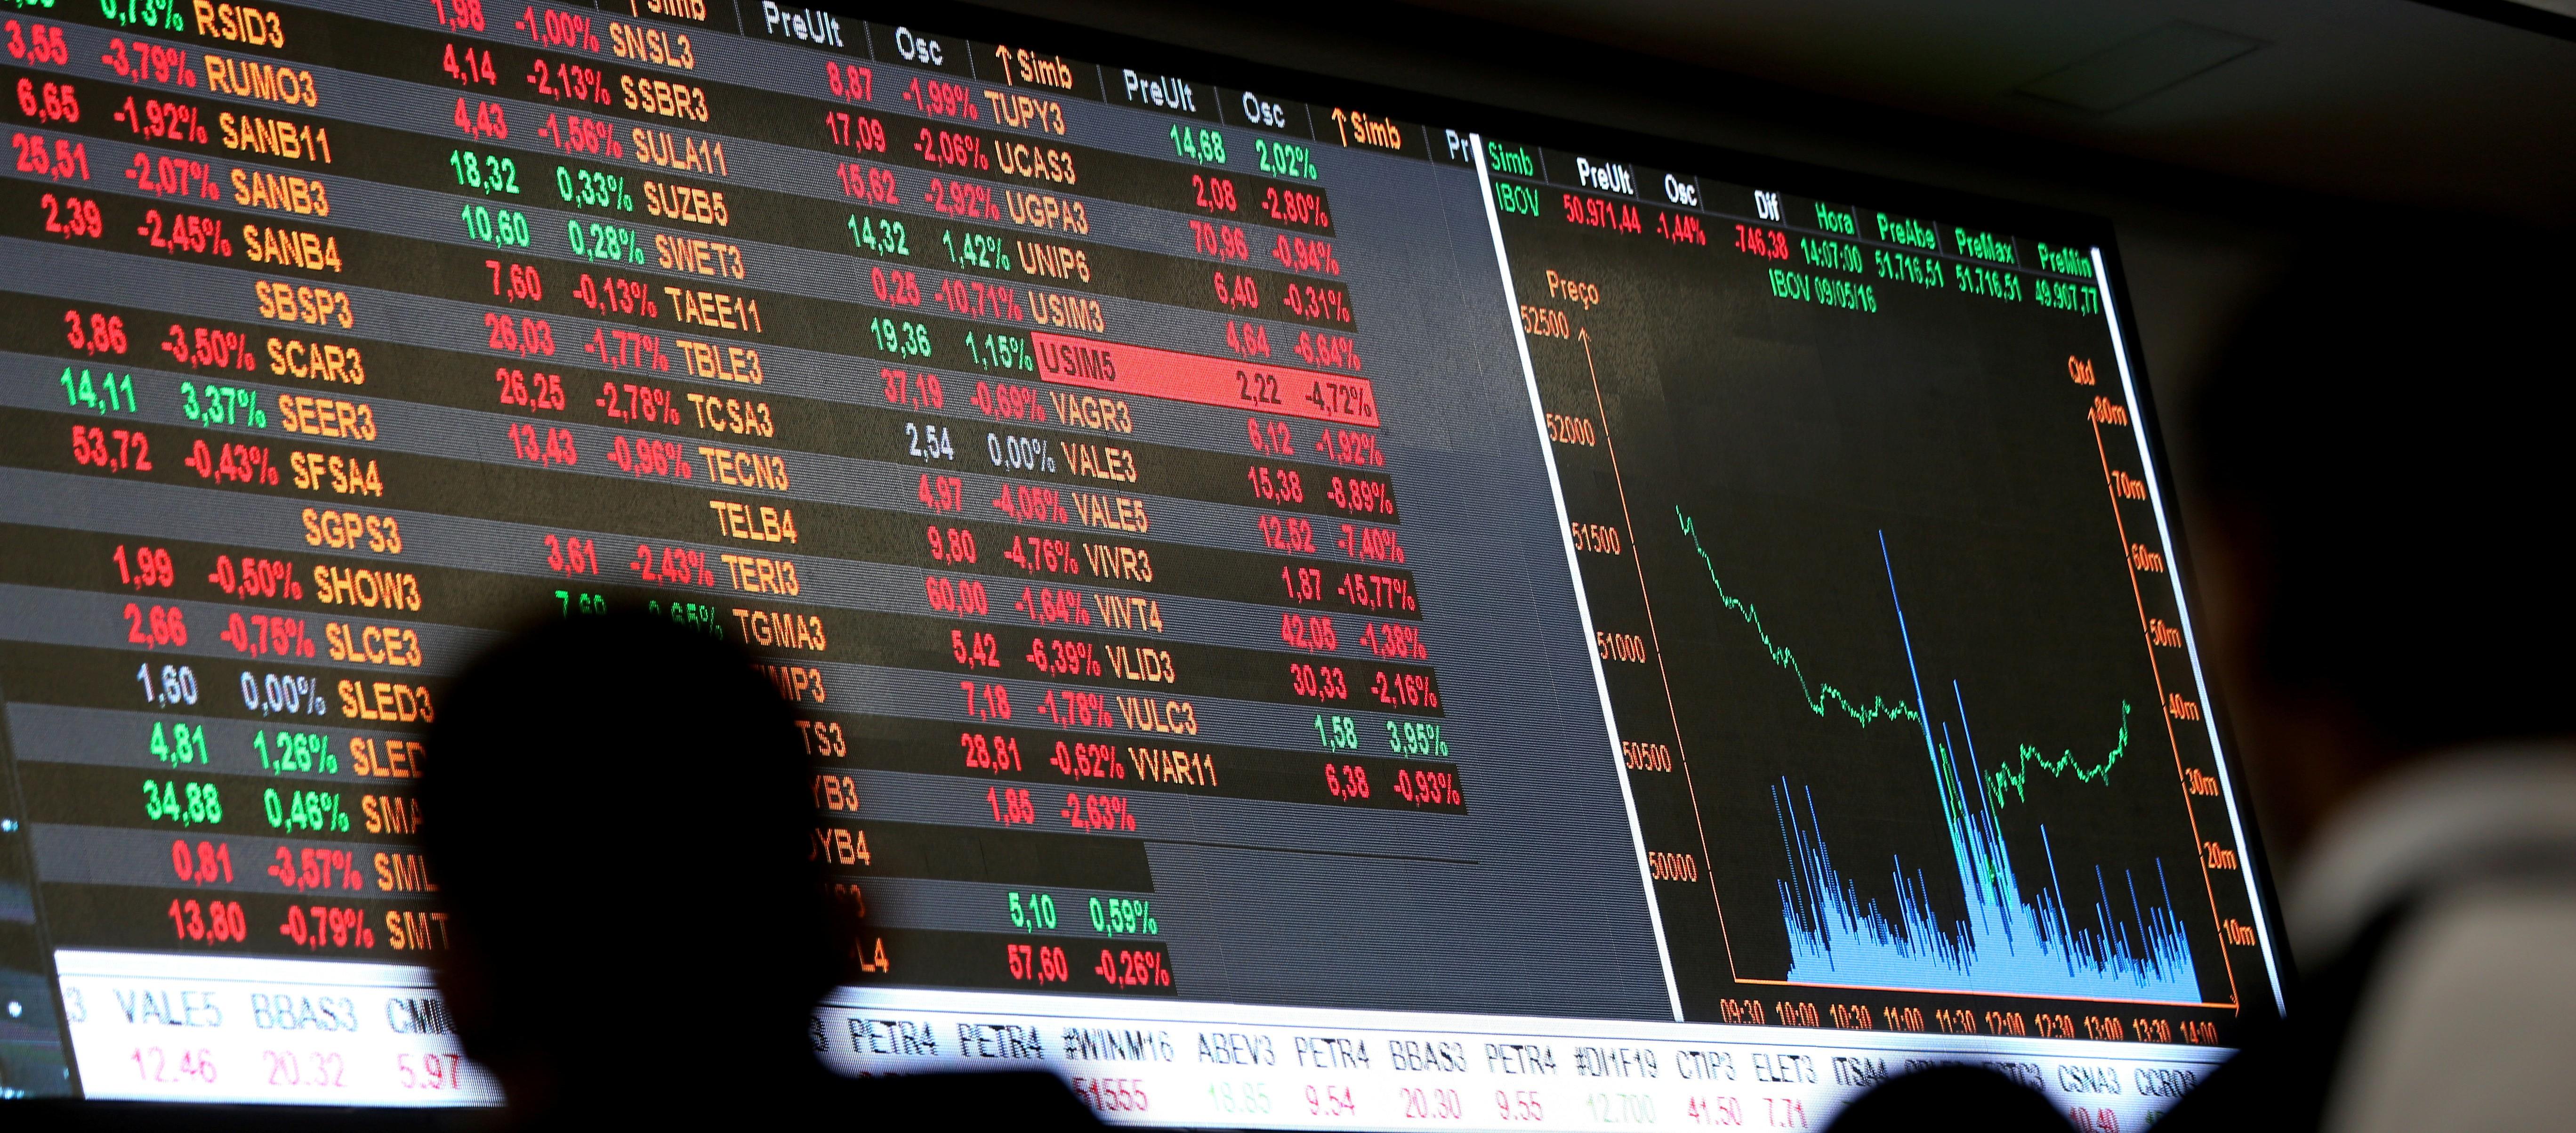 Bovespa fecha em queda, puxada por bancos após ânimo com chance de mais cortes de juros - Notícias - Plantão Diário